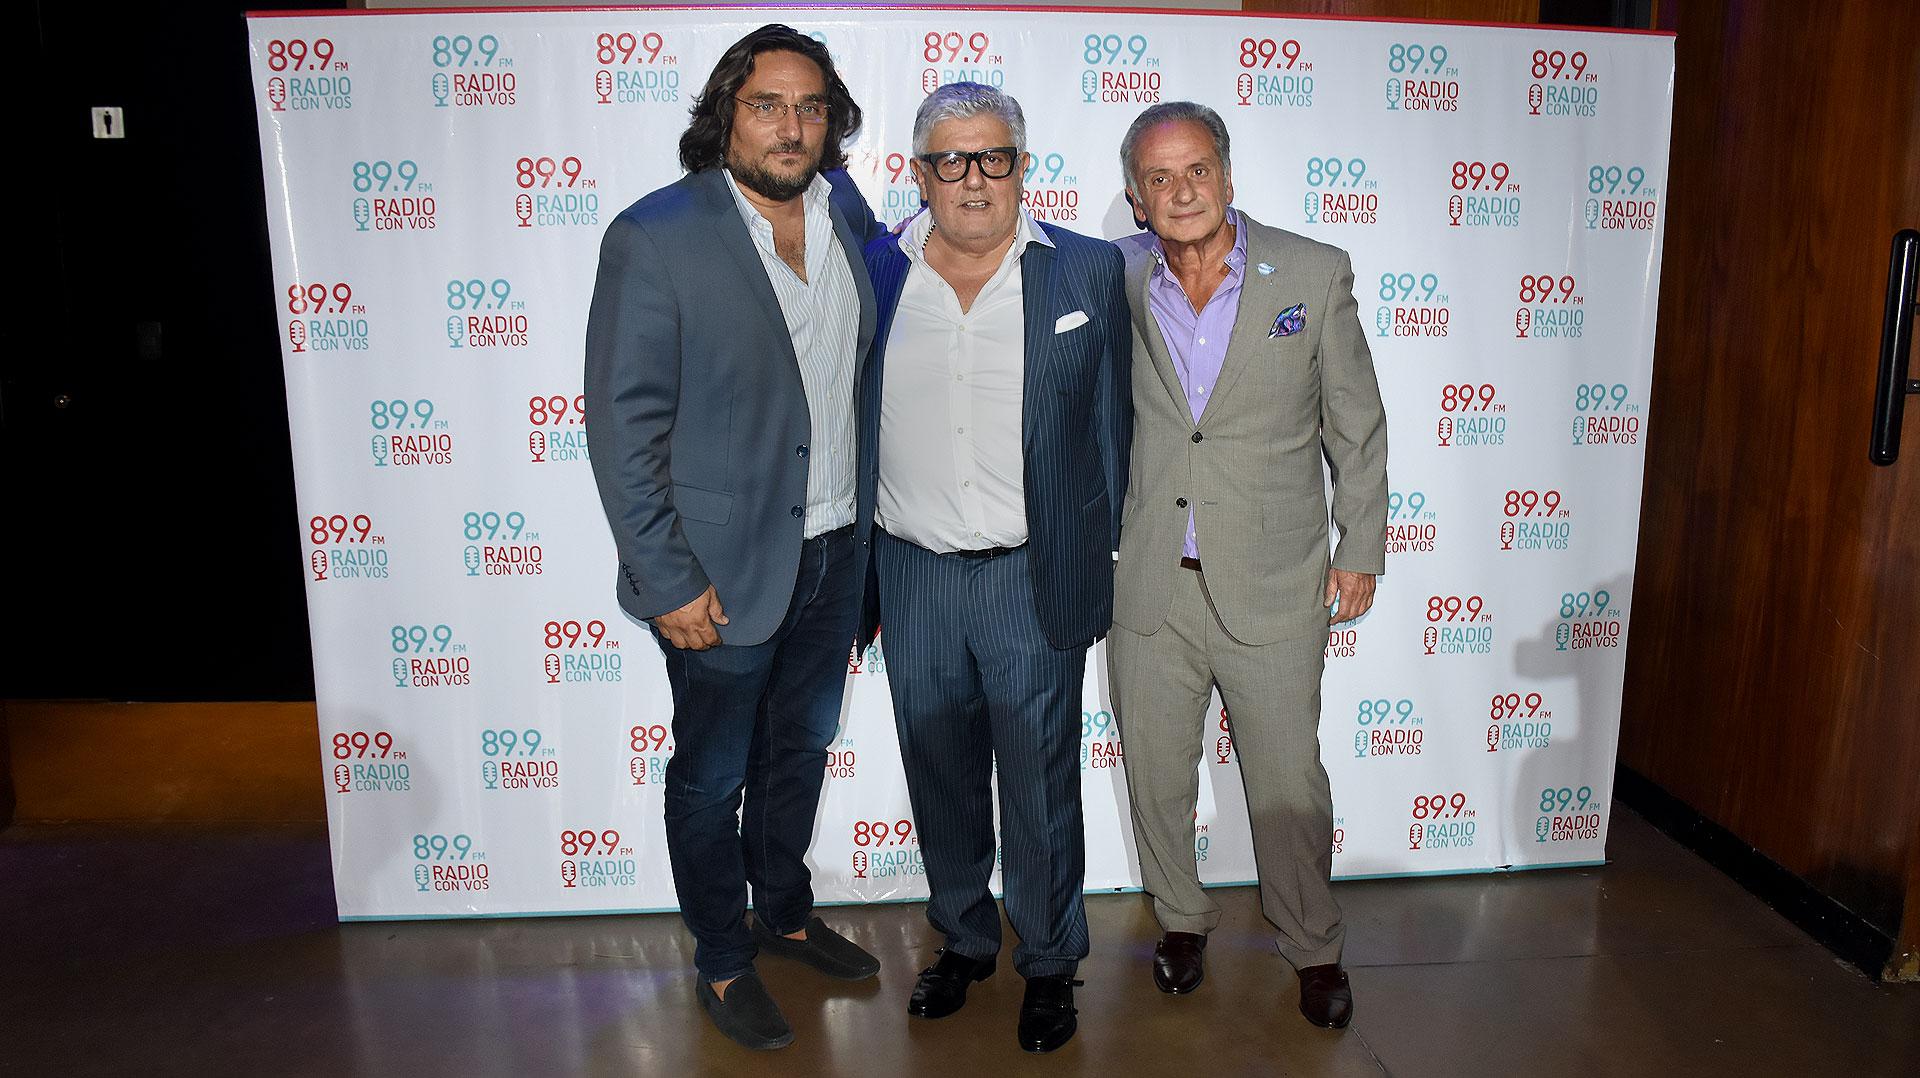 """Martín Kweller, Carlos Gorosito y Beto Vijnovsky, propietarios de """"89.9 FM Radio con vos"""", durante el cóctel de relanzamiento"""